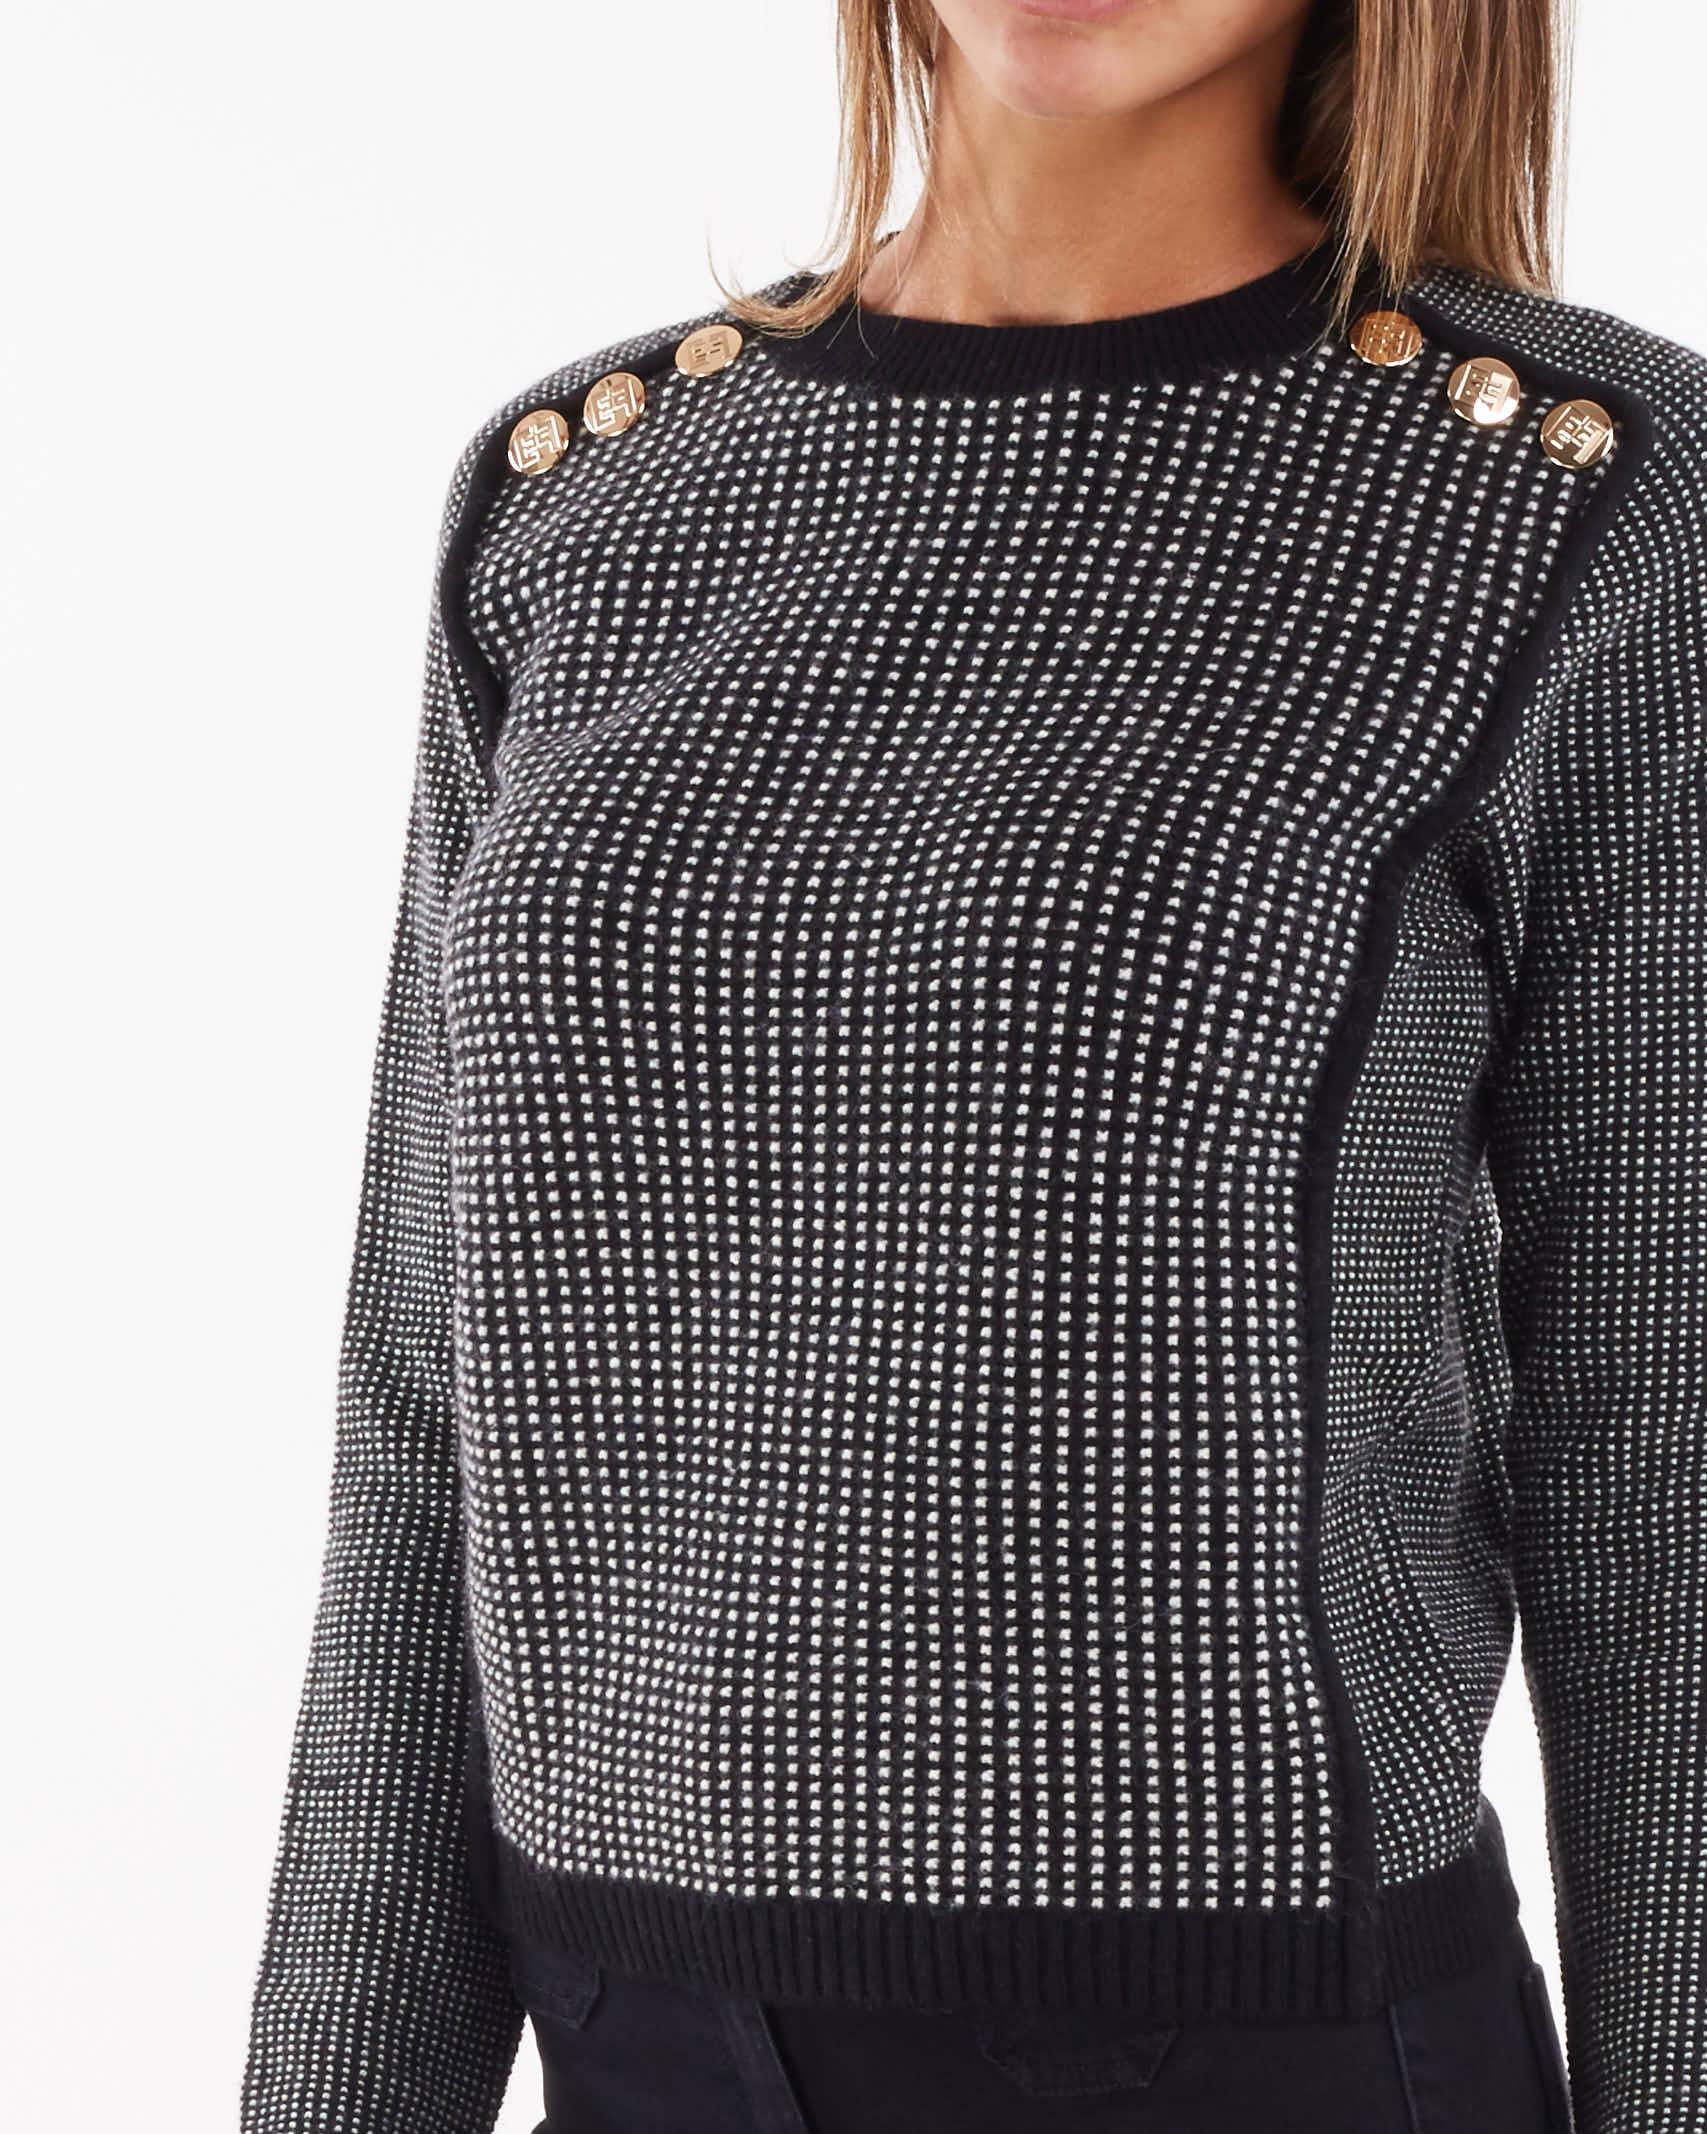 Maglia in misto lana a coste strette Elisabetta Franchi ELISABETTA FRANCHI | Maglia | MK66S16E2685